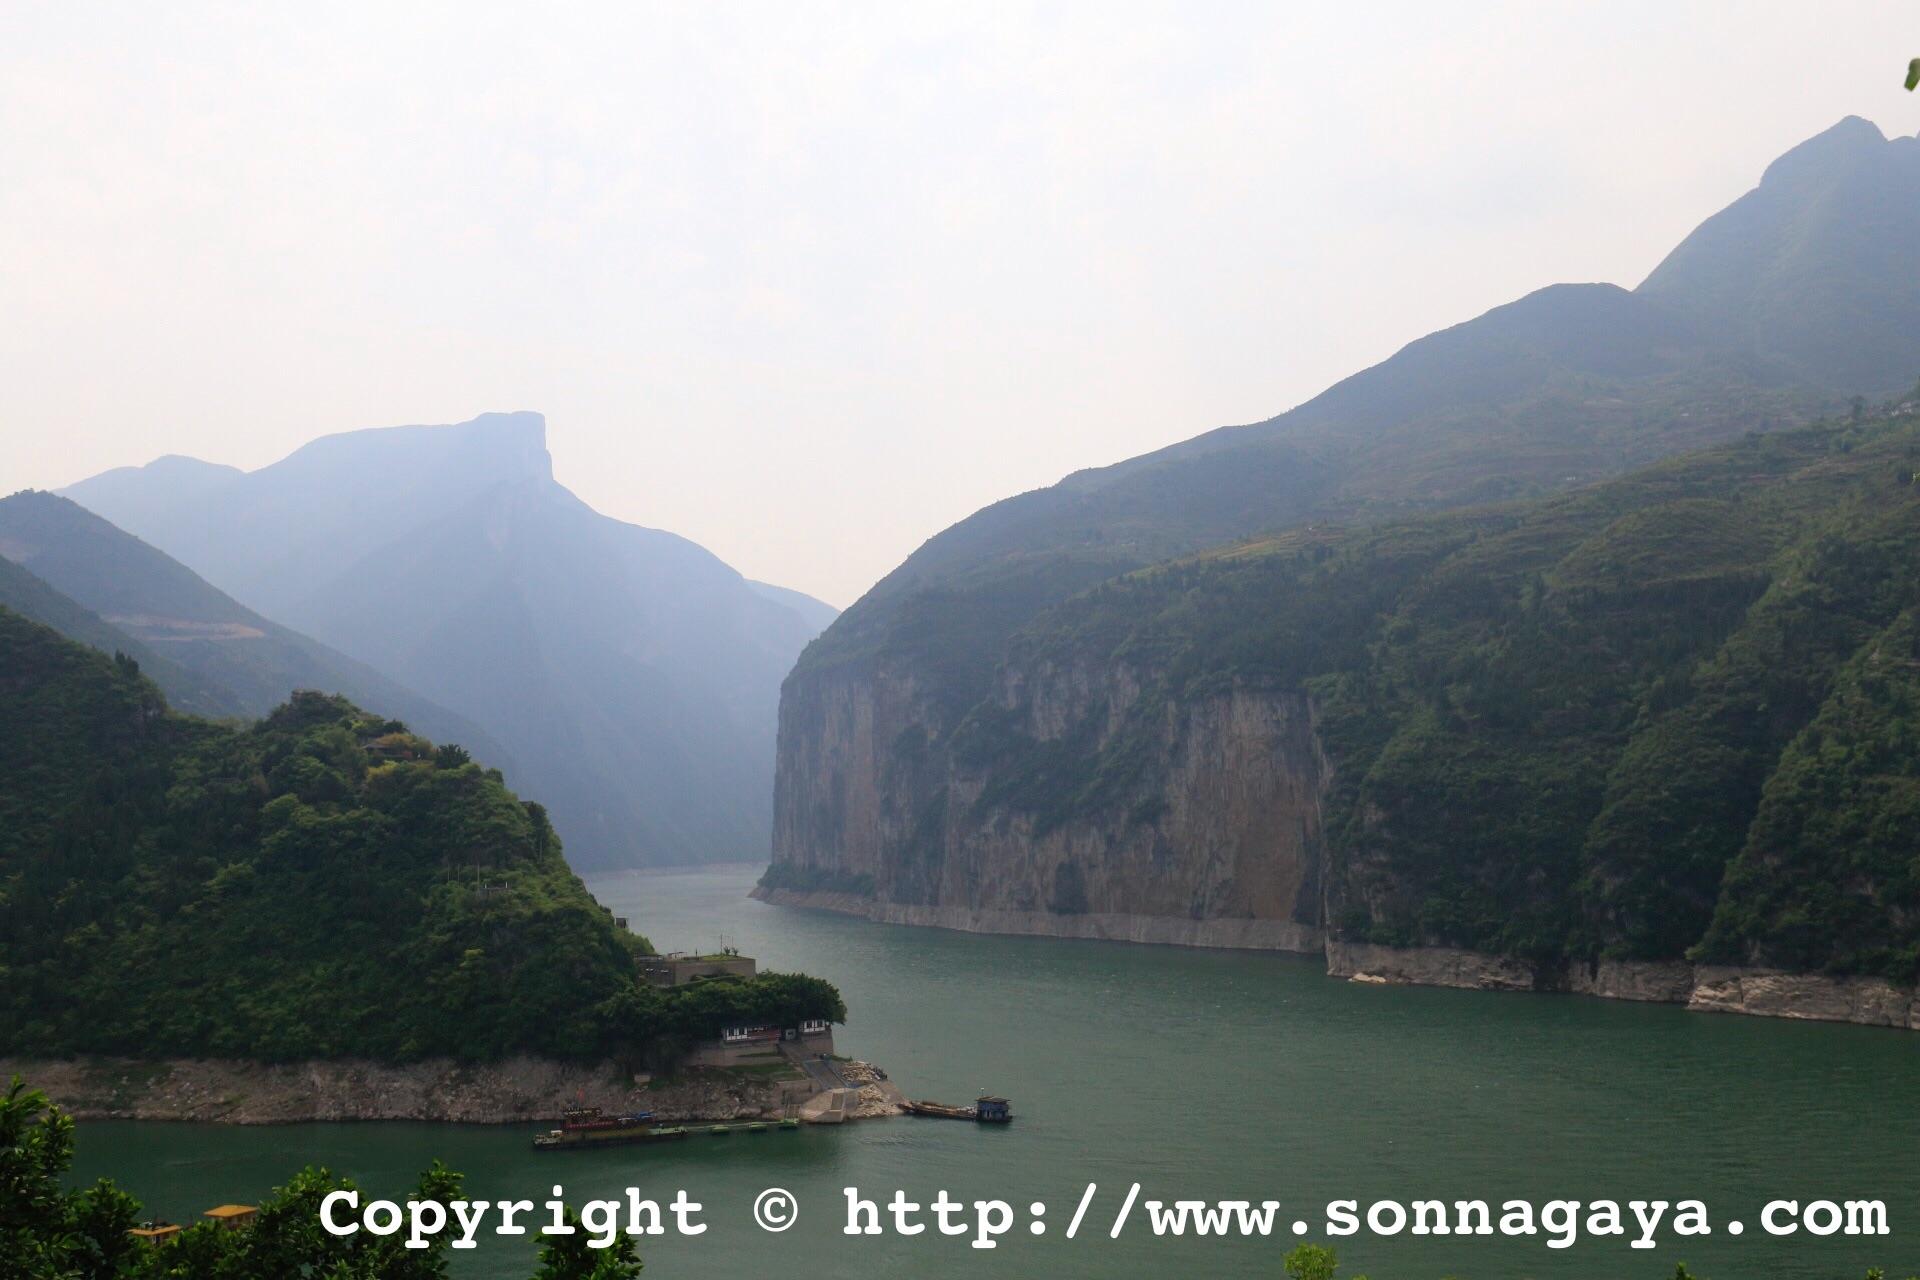 長江三峡(夔門)